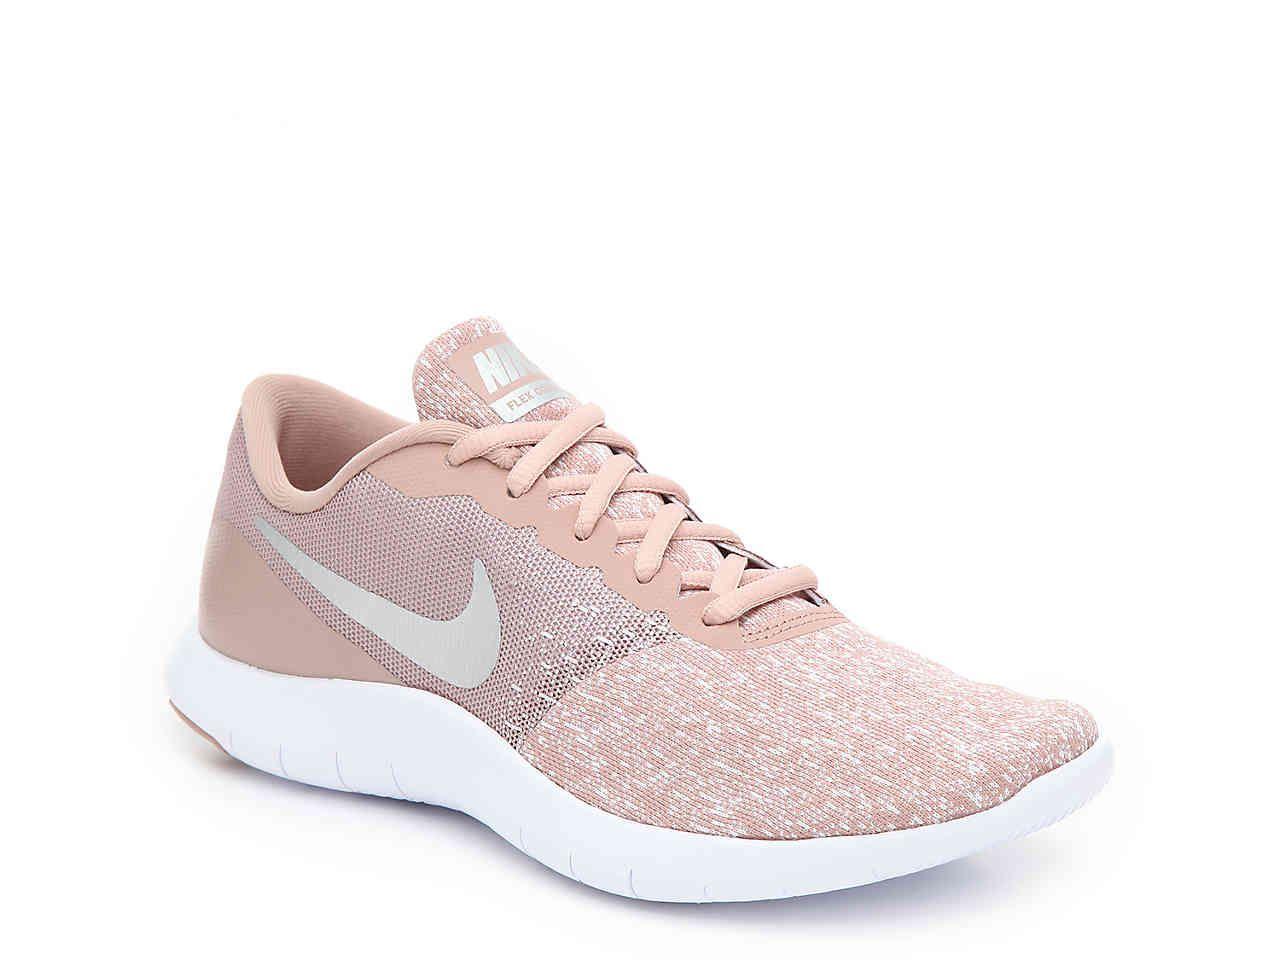 e8692213c Nike Flex Contact Lightweight Running Shoe - Women s Women s Shoes ...